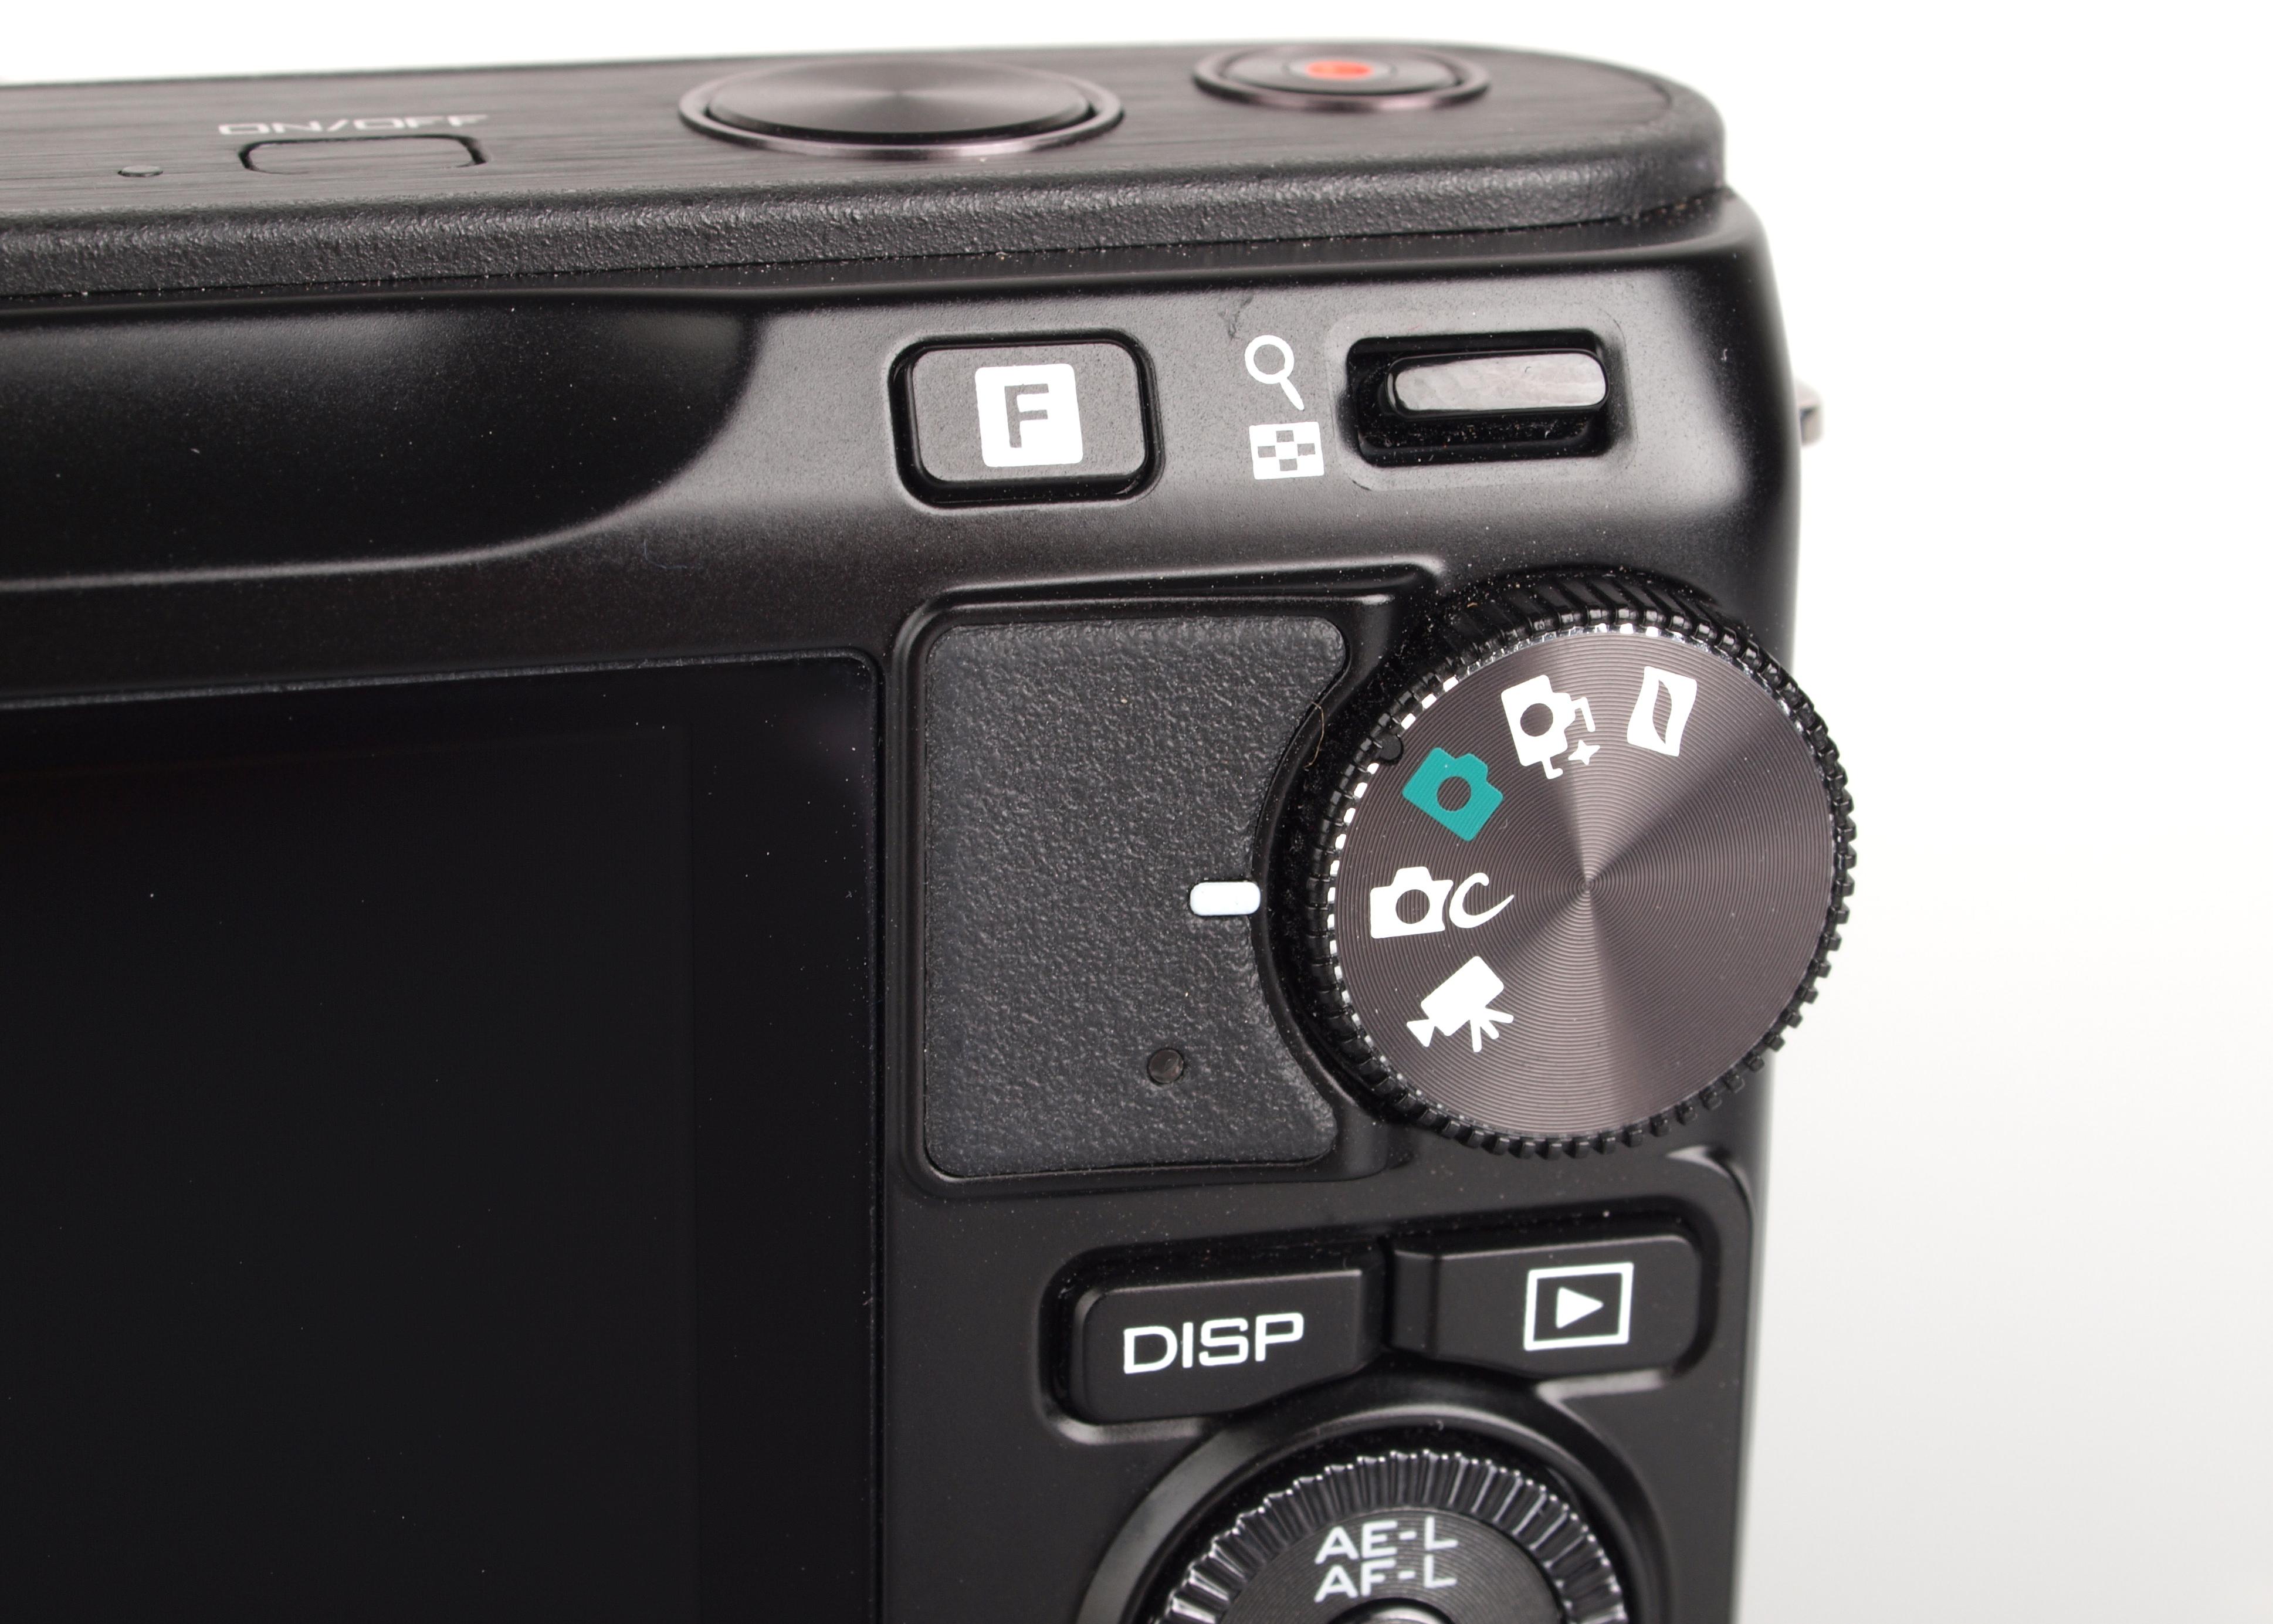 Nikon Series 1 J2 Review